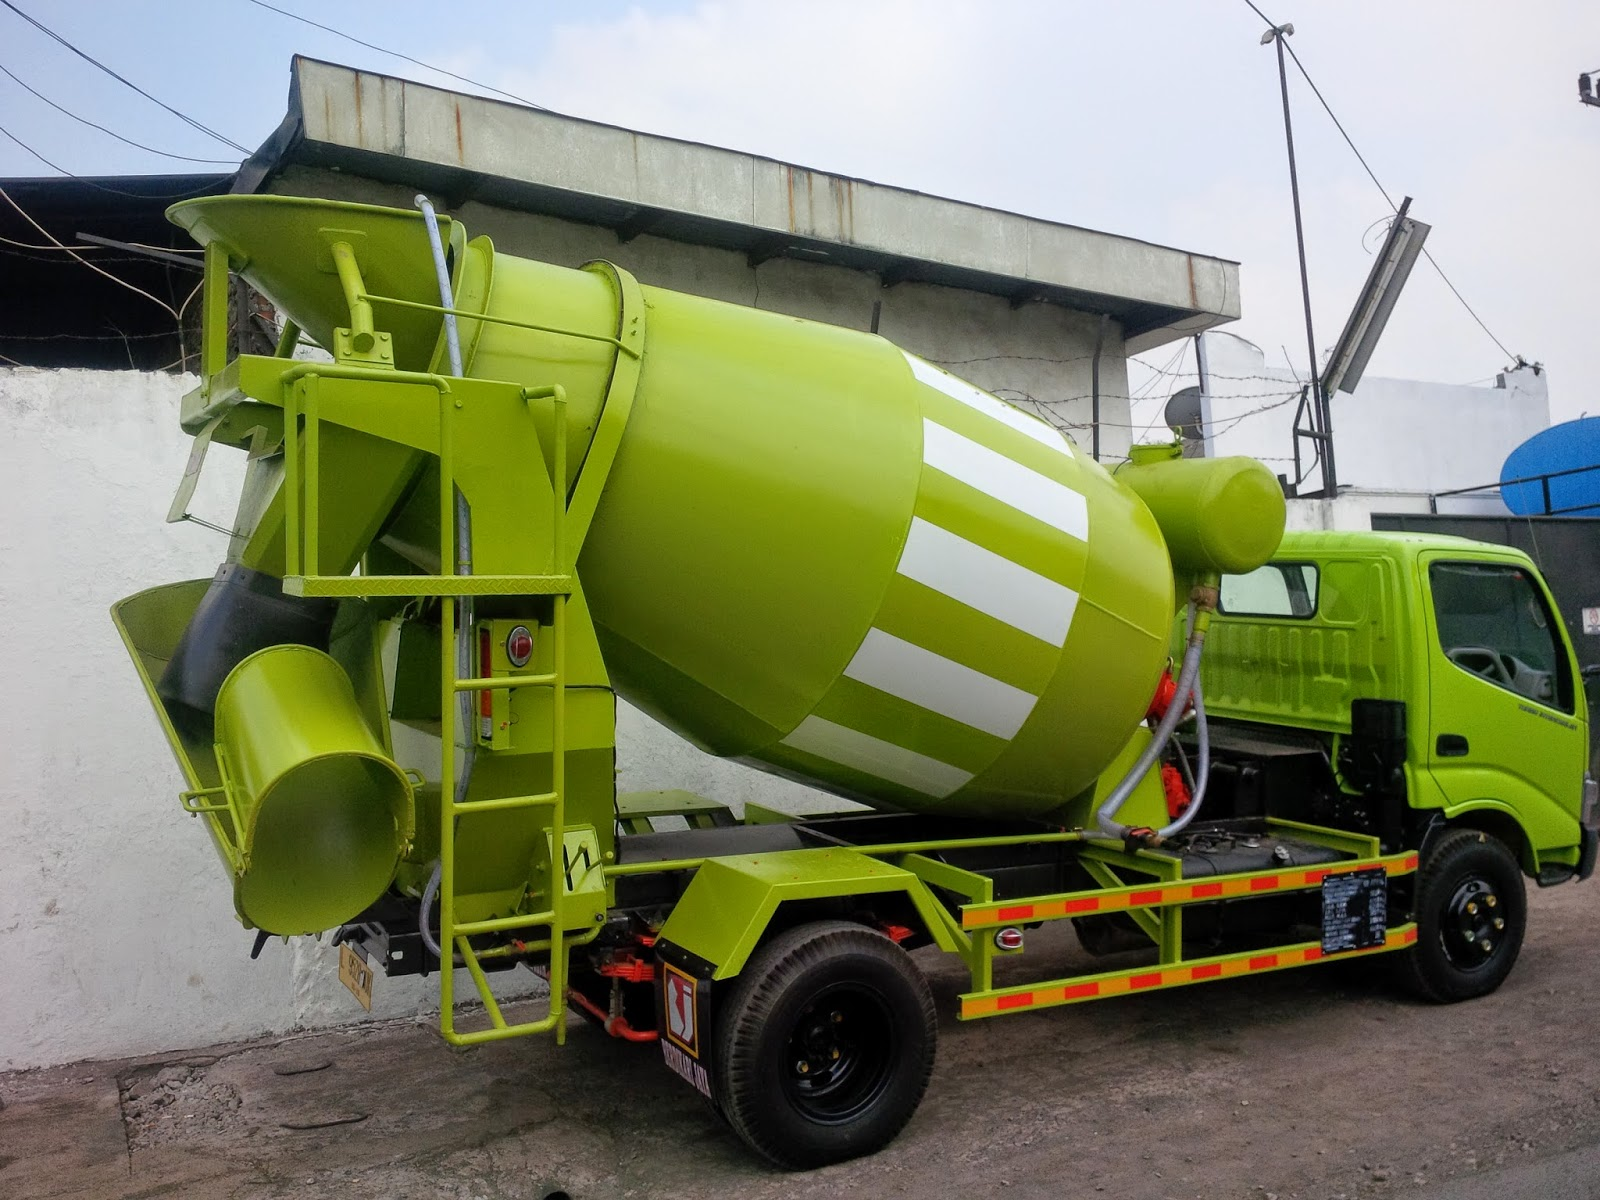 Harga Mobil Mixer Harga Beton Cor Harga Jayamix Harga Sewa Concrete Pump Harga Readymix Harga Minimix Rental Concretepump